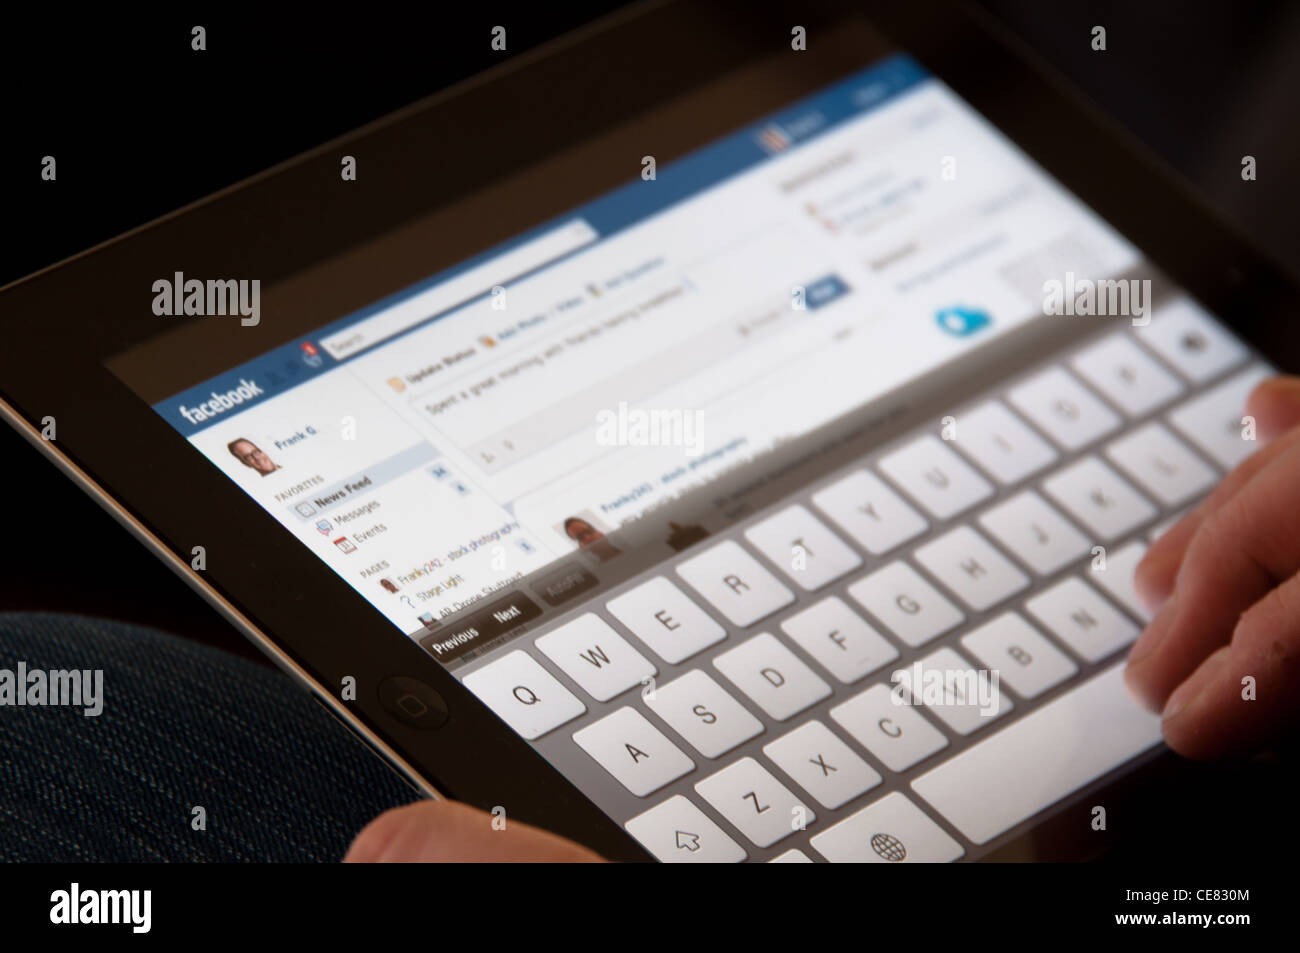 Cerca de un Apple iPad pantalla mostrando el sitio Facebook con dos manos masculinas escribiendo una actualización Imagen De Stock